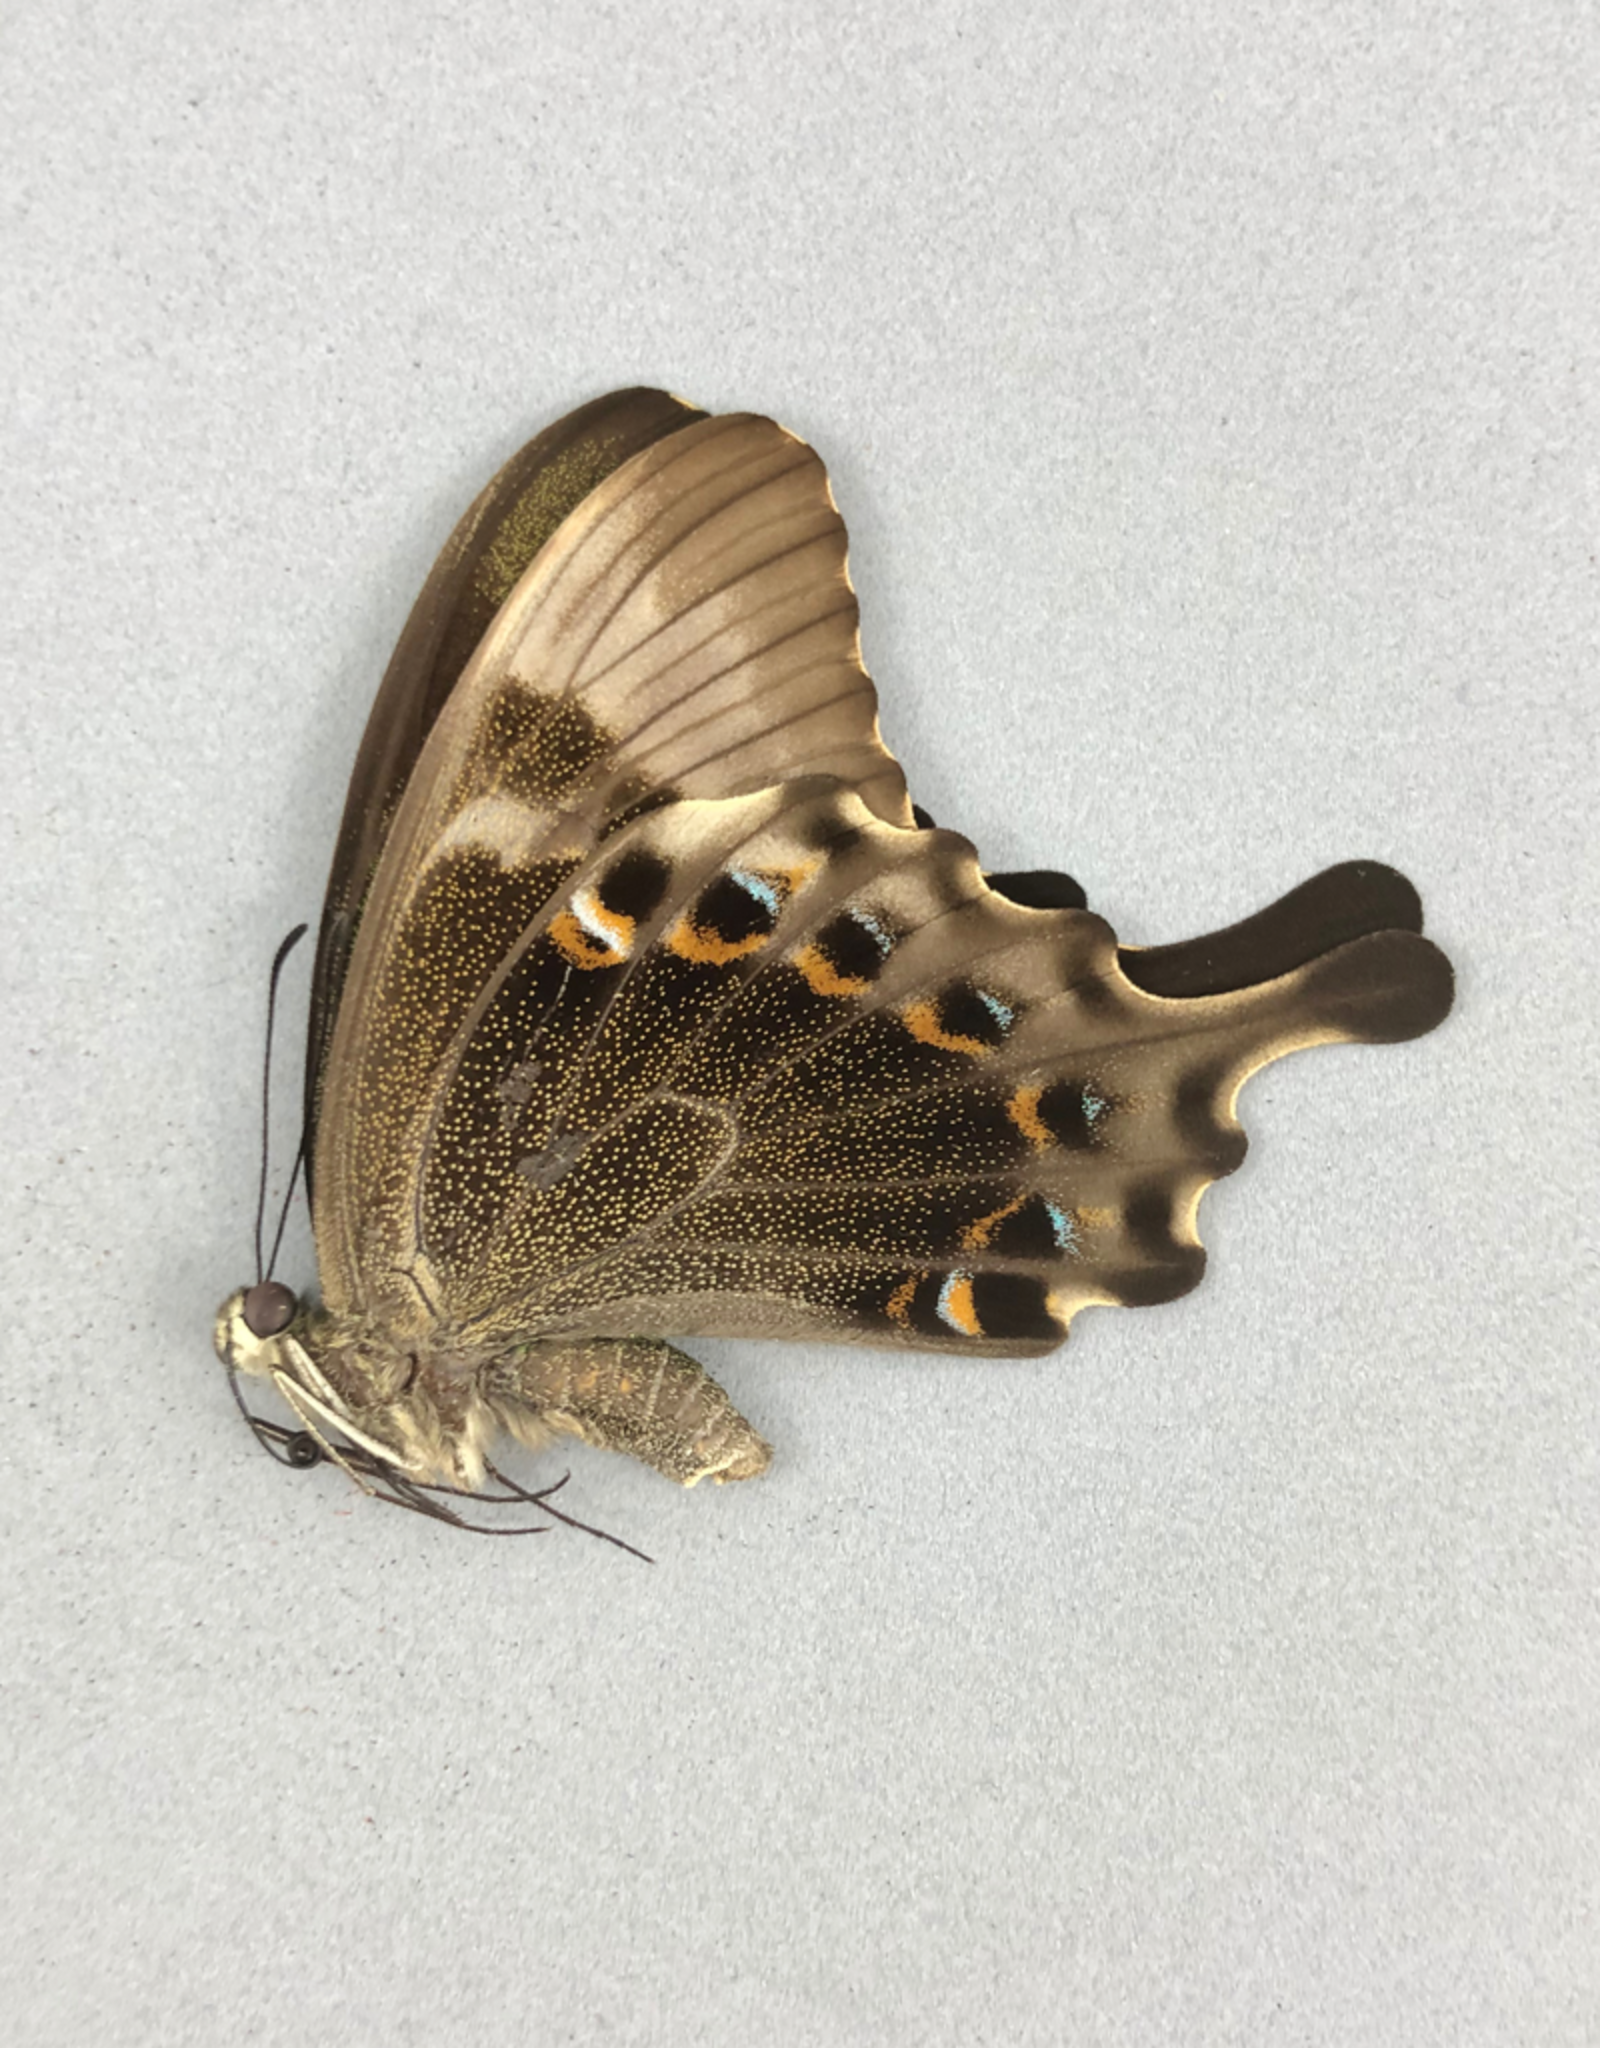 Papilio peranthus kangeanus F A1 Indonesia